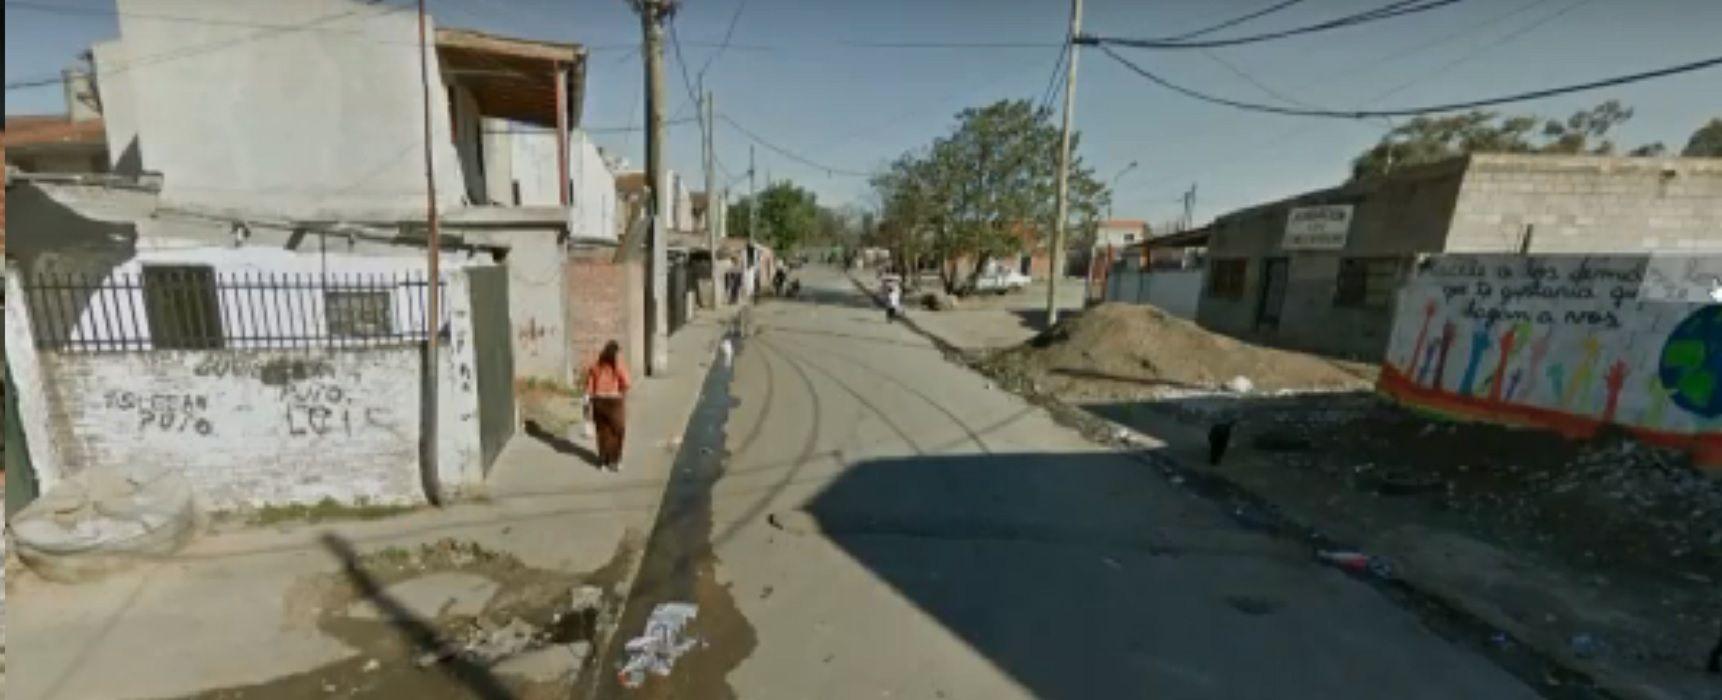 Incendio y tragedia en San Martín: murieron 4 hermanitos